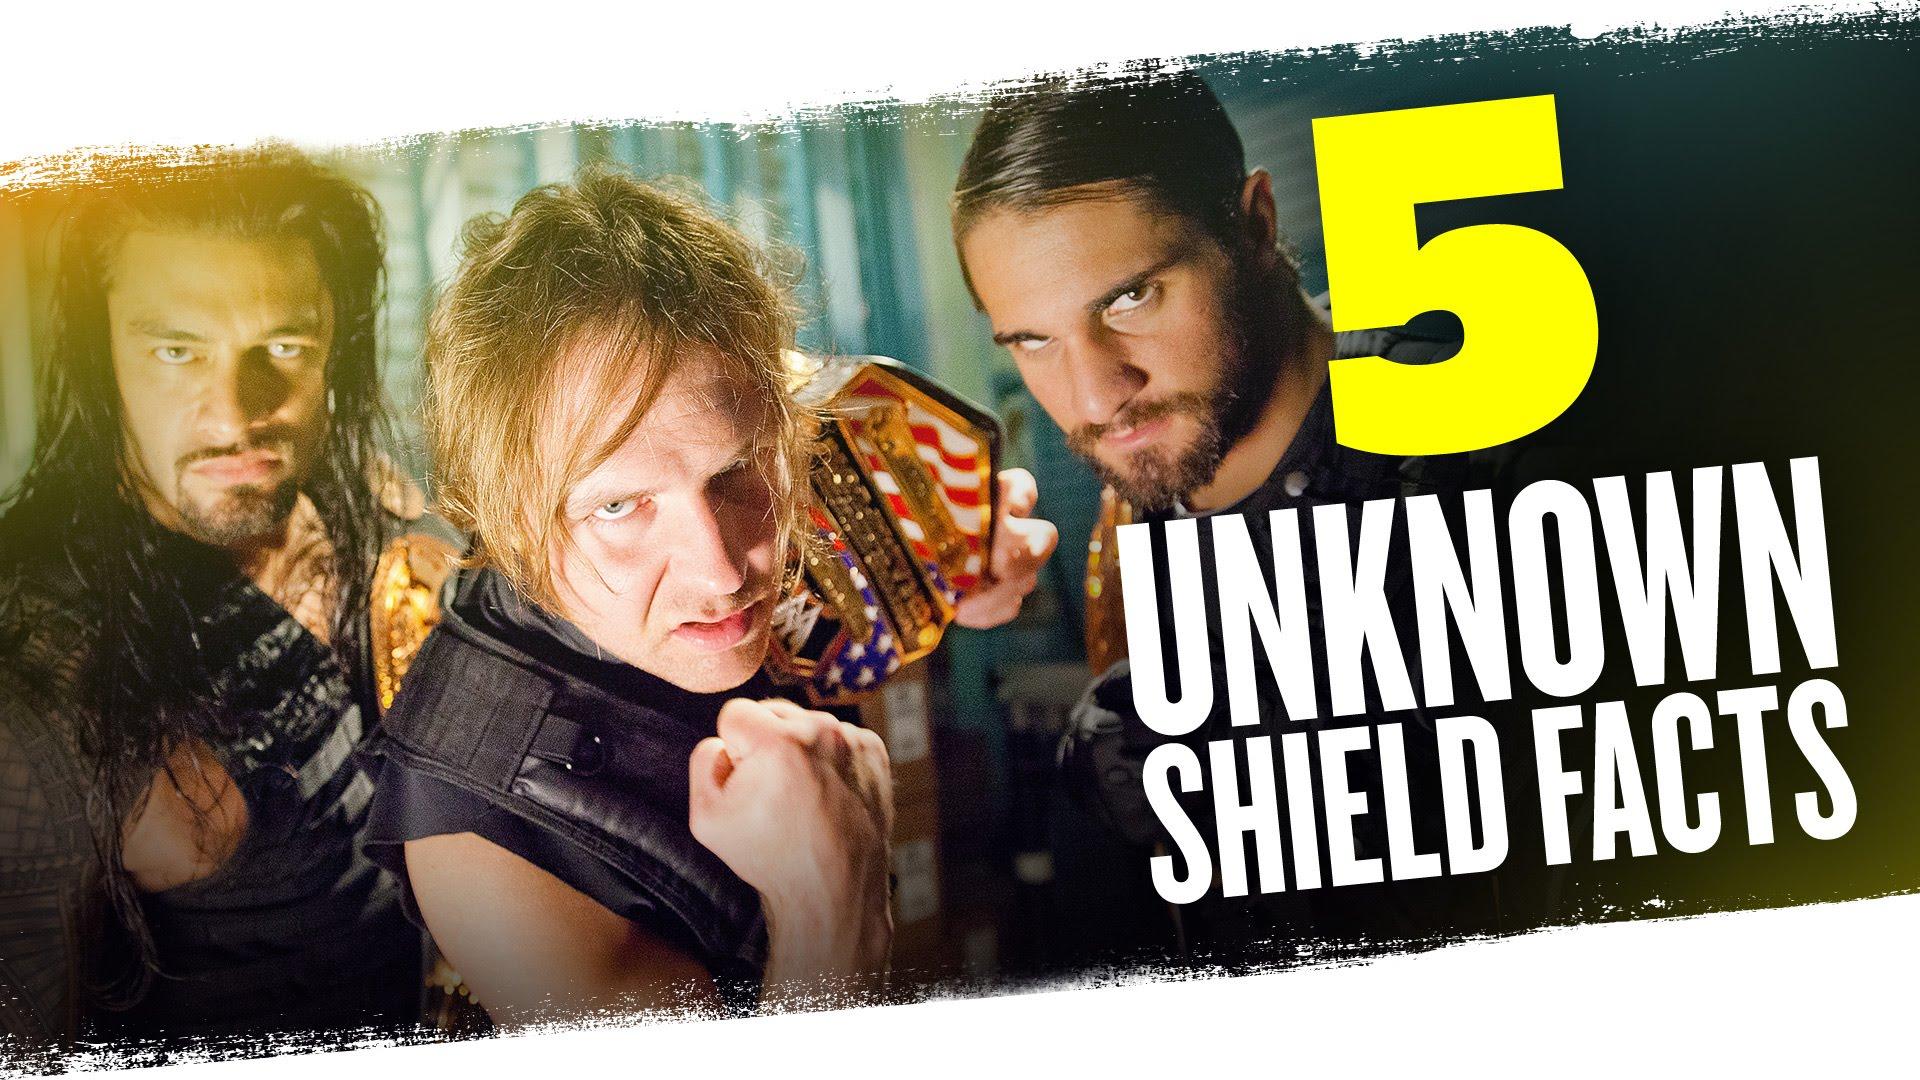 Vidéo : Cinq faits que vous ignoriez probablement sur The Shield